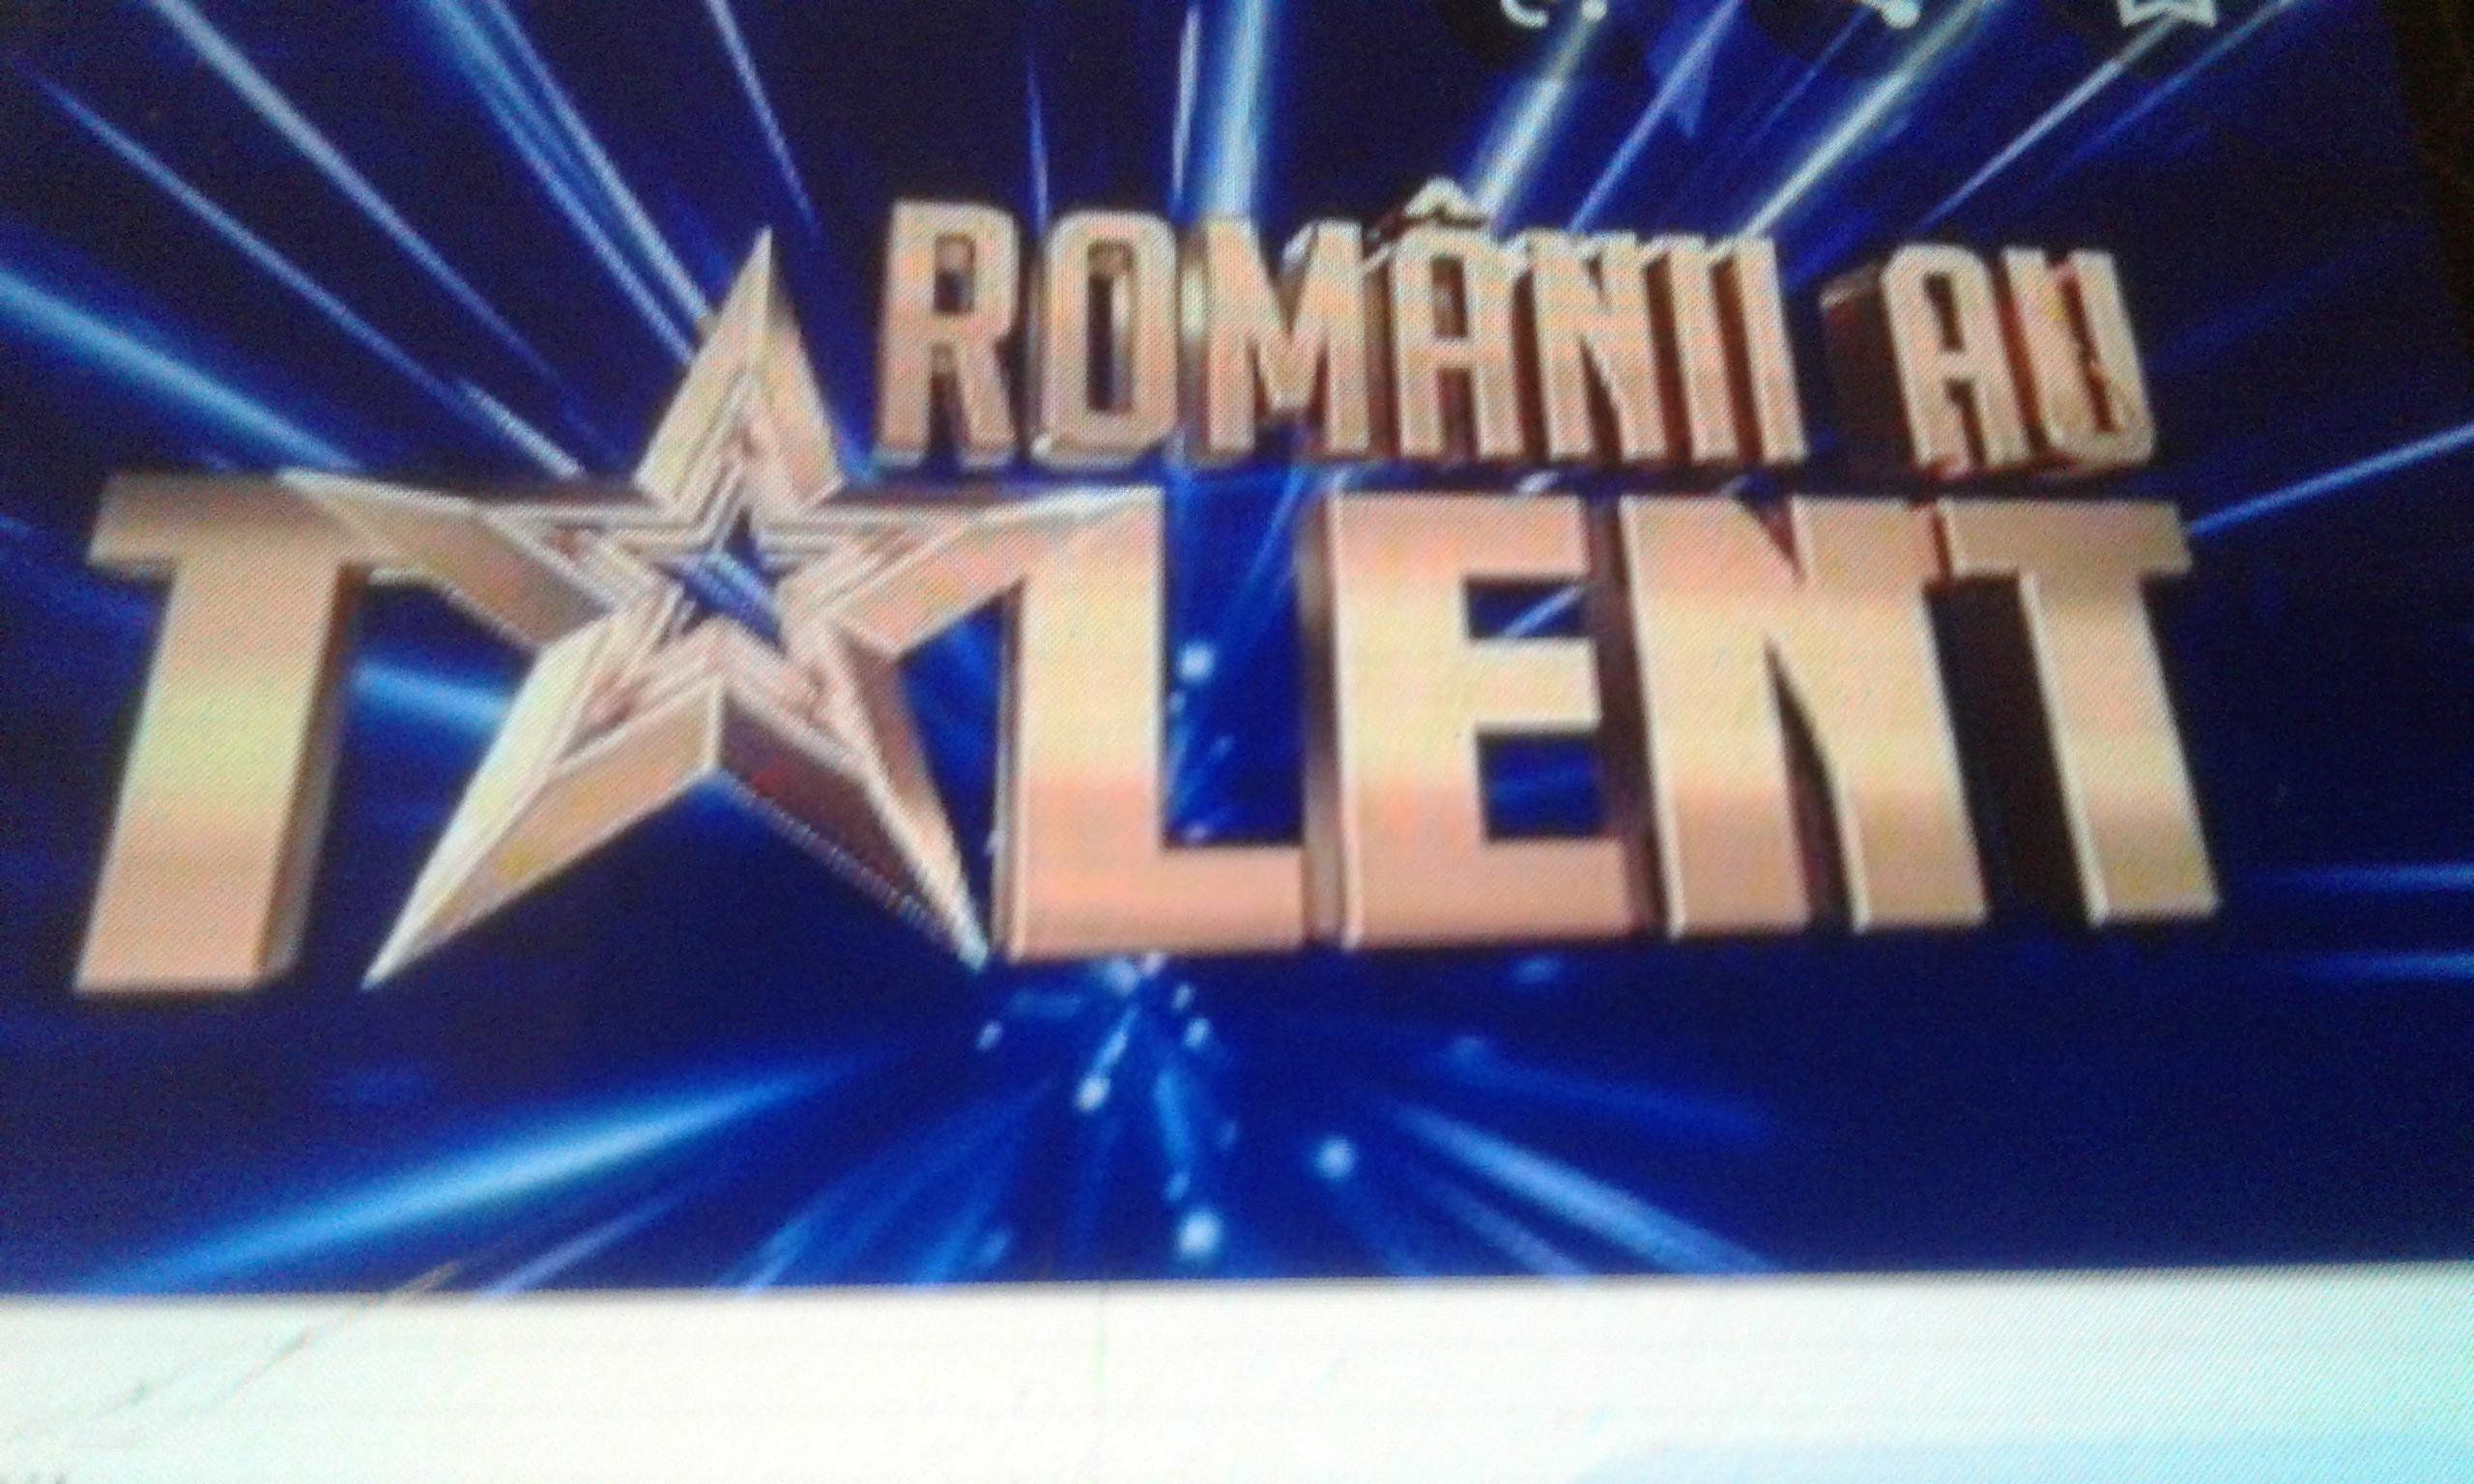 Cate stii despre romanii au talent?